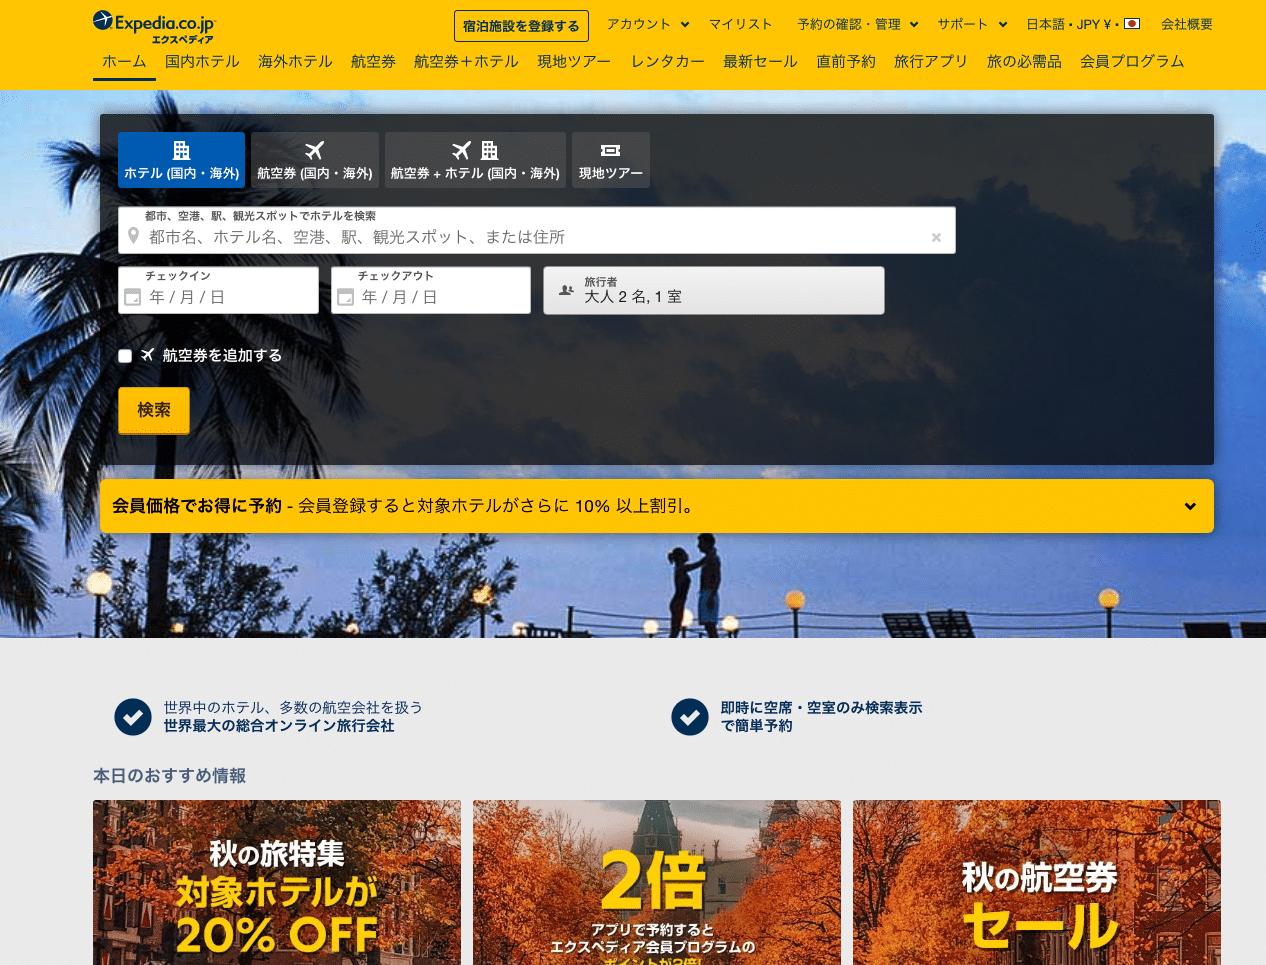 航空券の検索エンジン②:Expedia(エクスペディア)